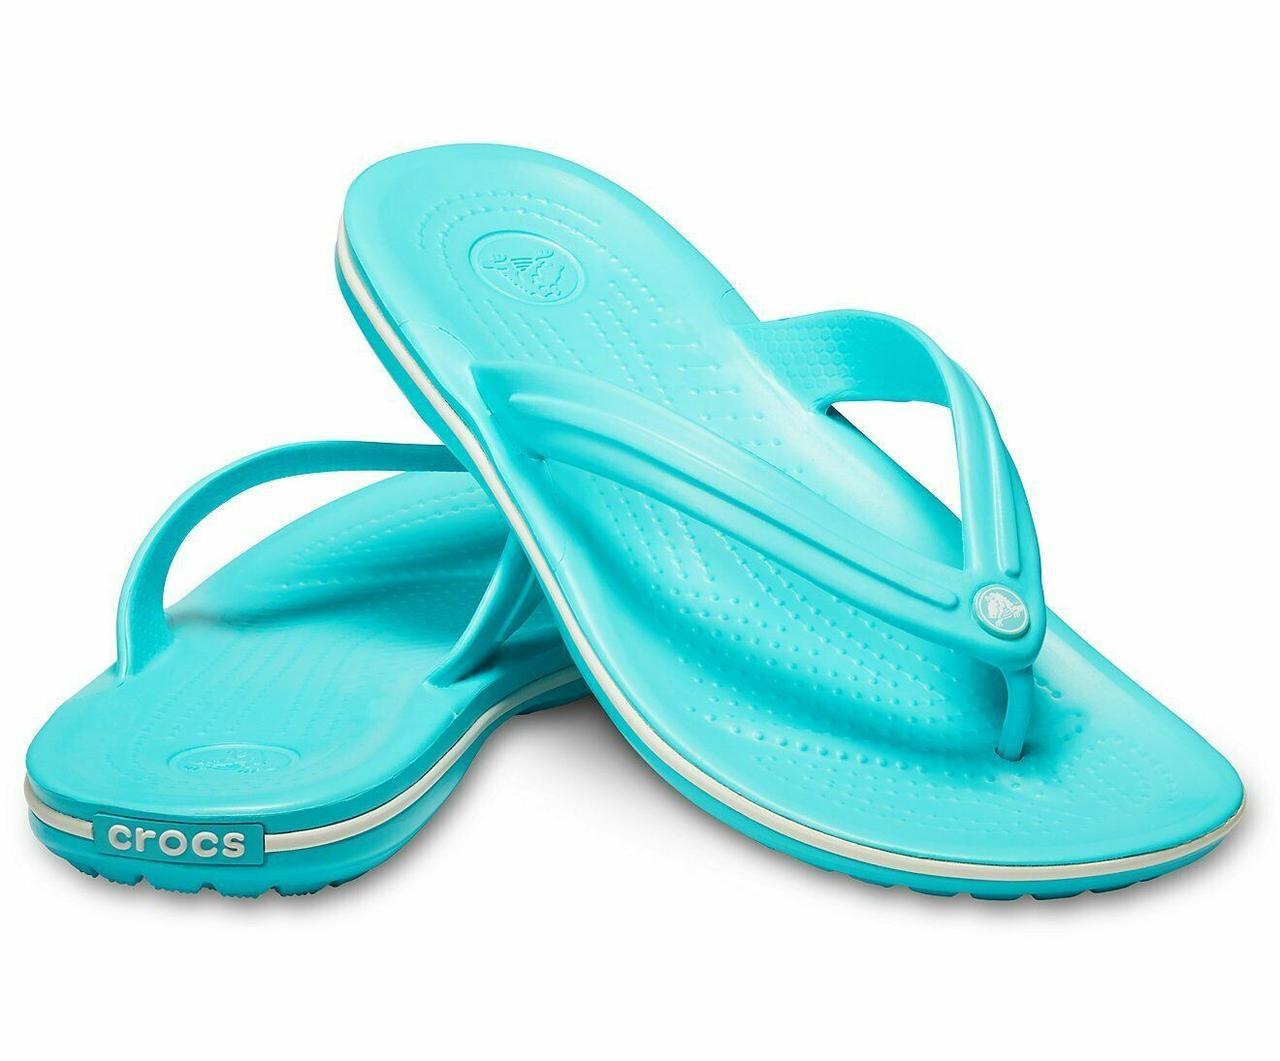 Вьетнамки женские Кроксы Крокбенд Флип оригинал / Crocs Crocband Flip (11033), Голубые